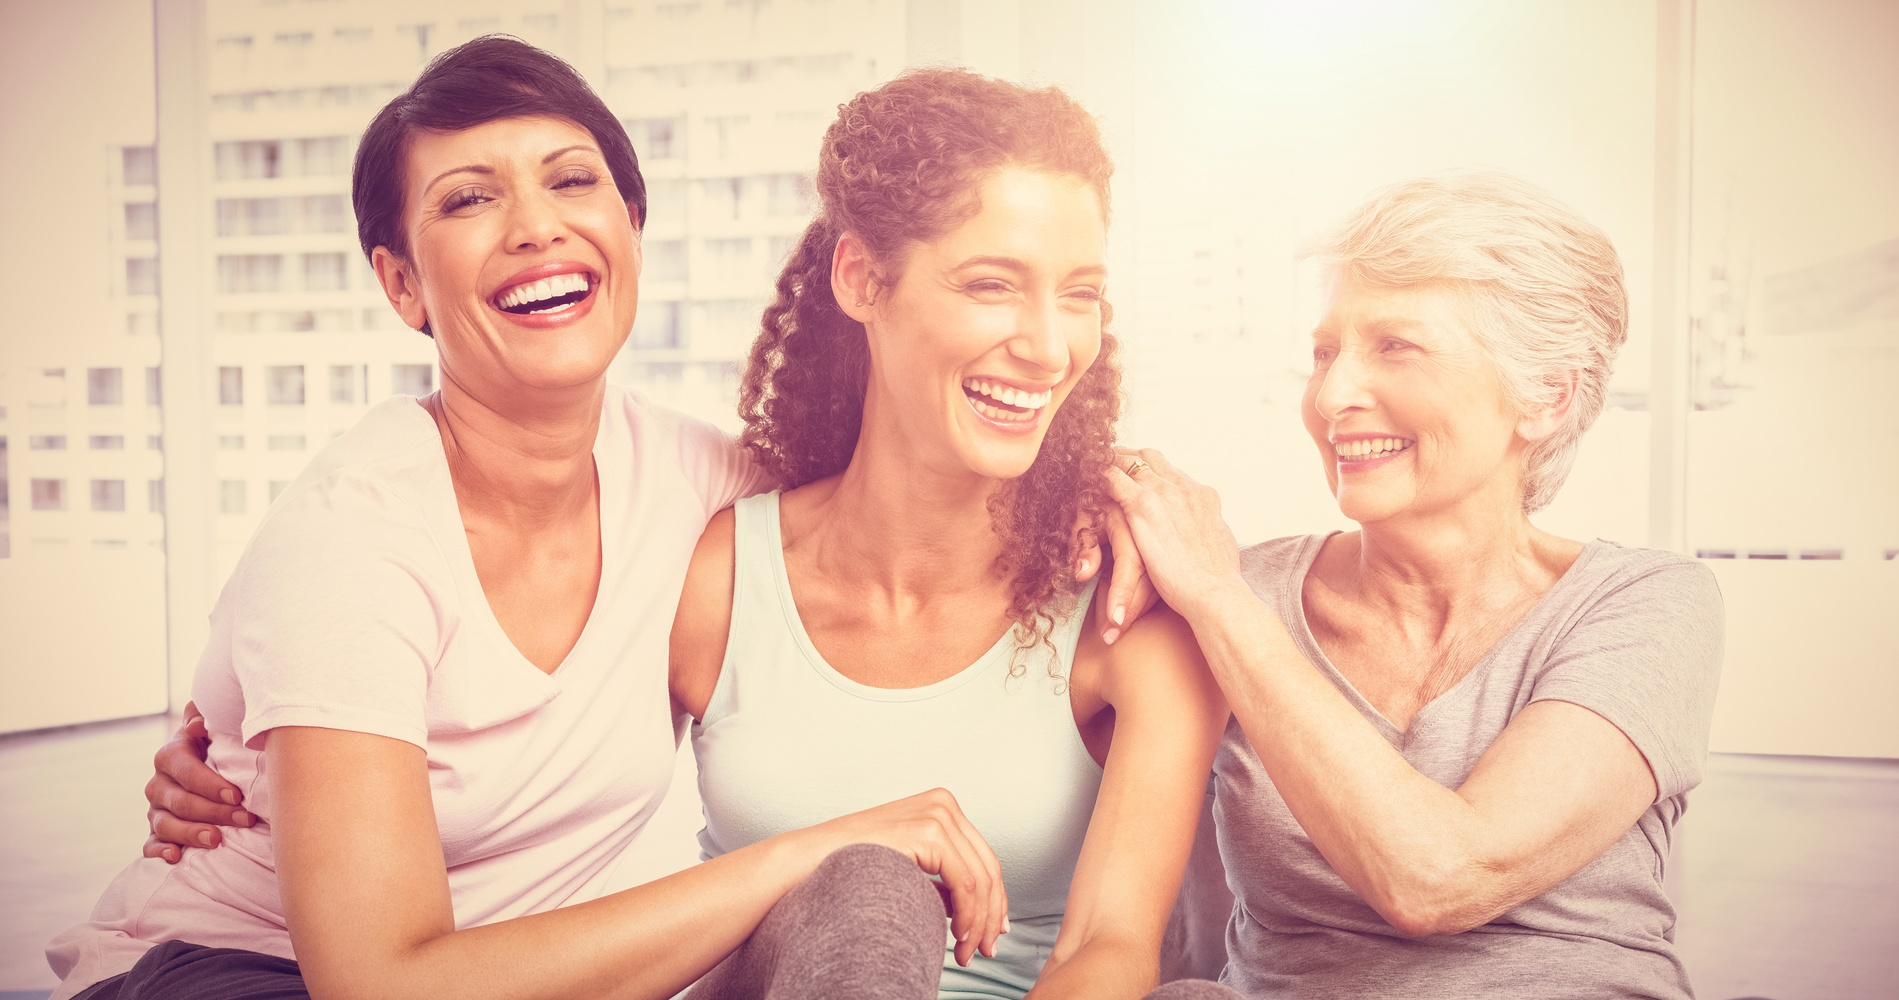 Bild zeigt Frauen in Sportkleidung, die Betriebliches Gesundheitsmanagement ausüben, was auch zur Personalgewinnung in Verkehrsunternehmen beiträgt